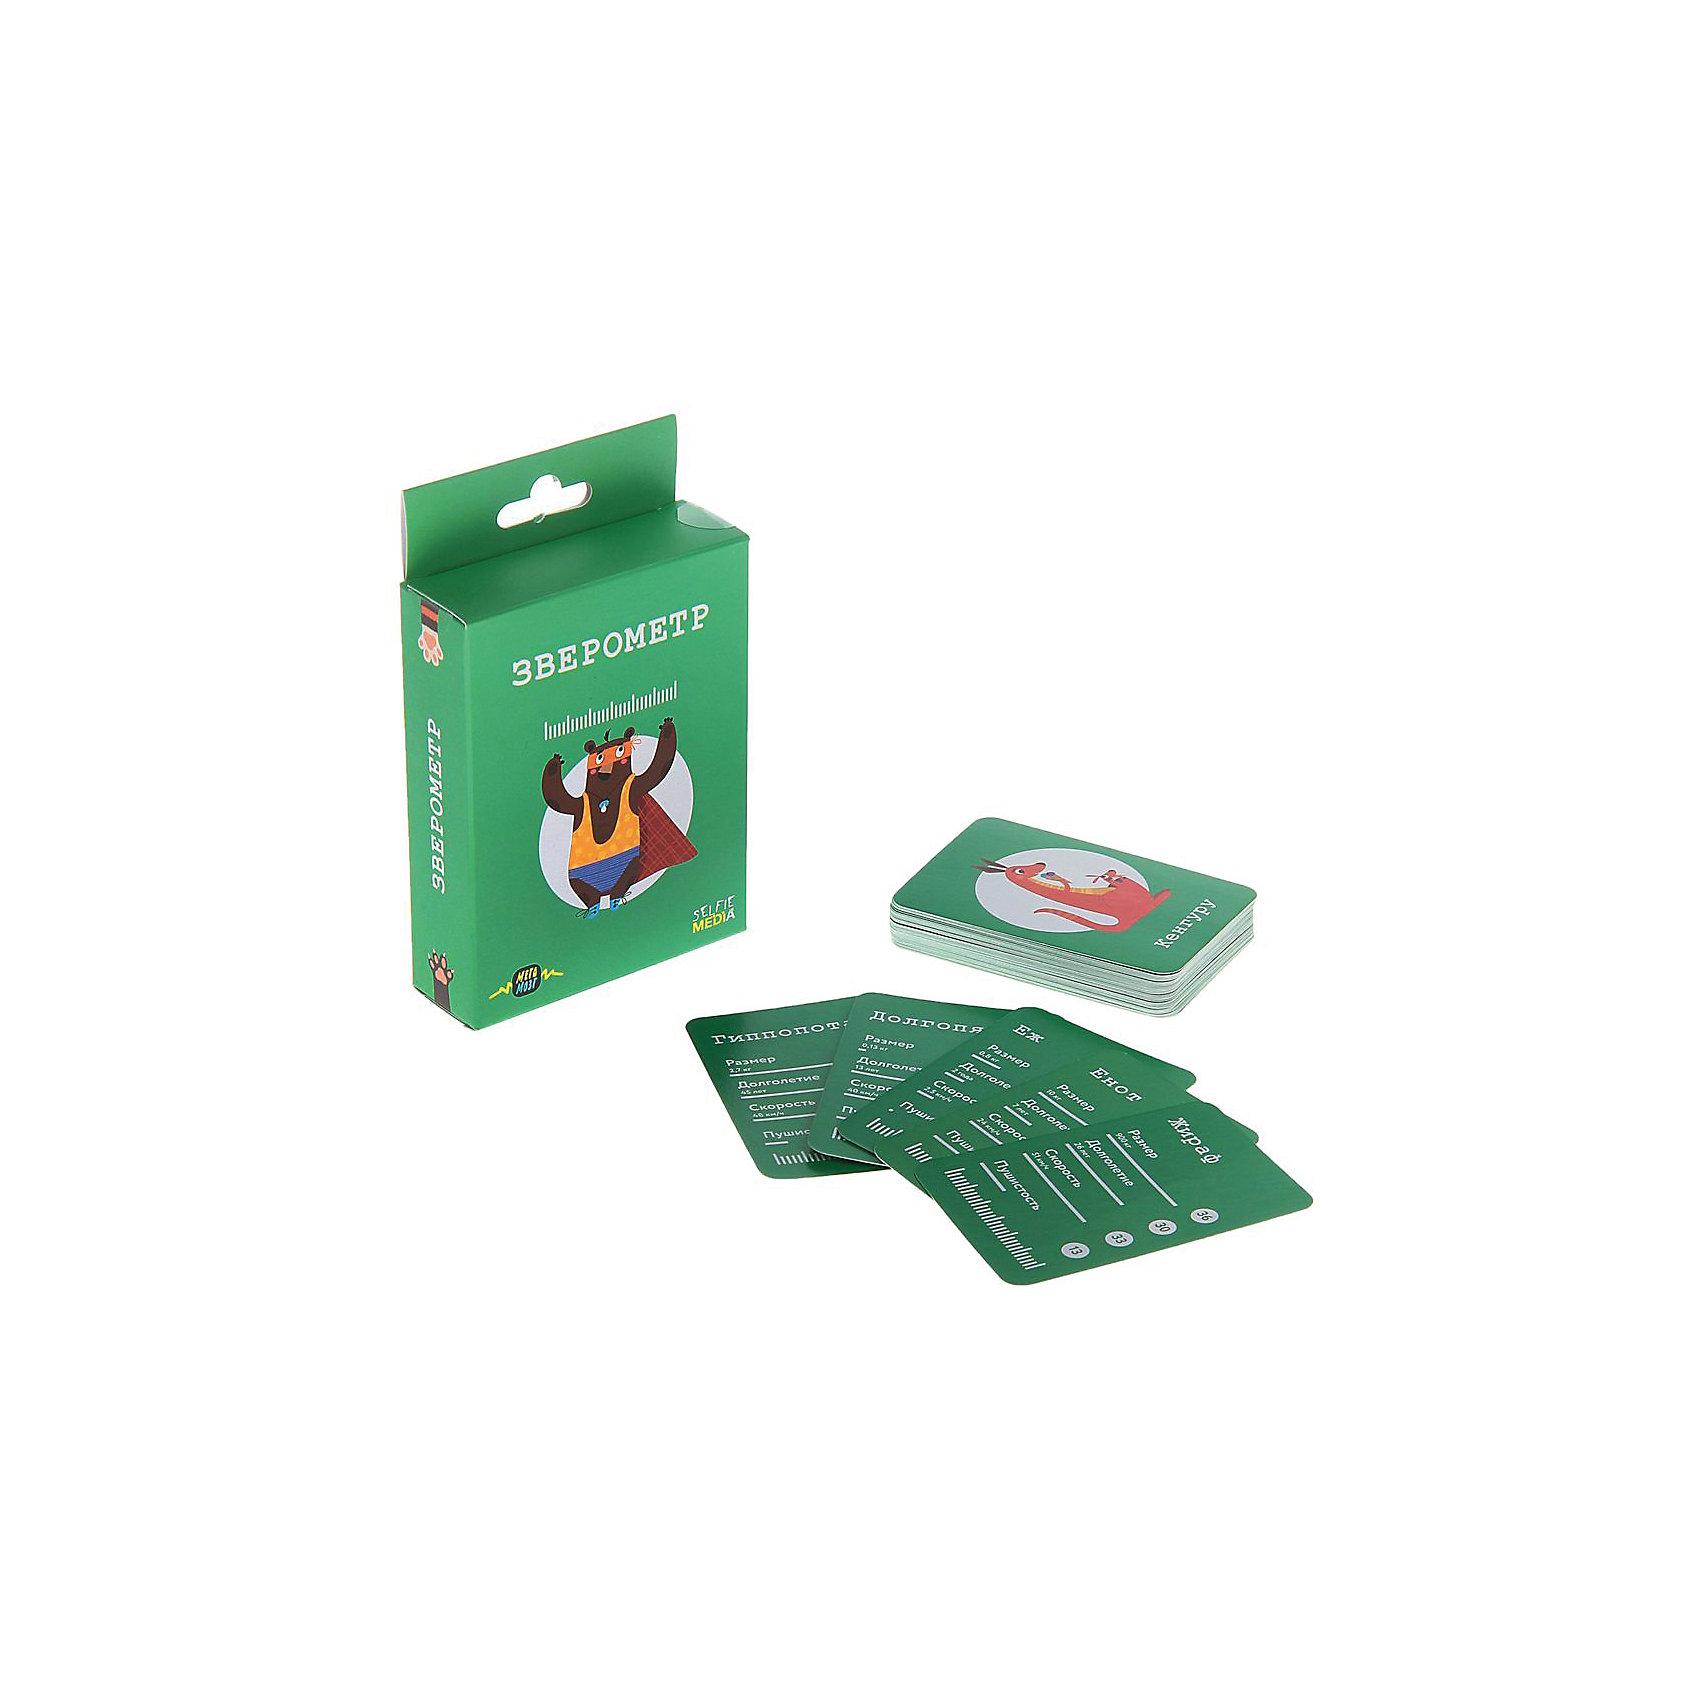 Настольная игра «Зверометр», Selfie mediaНастольные игры<br>Характеристики товара:<br><br>• возраст от 7 лет;<br>• материал: картон;<br>• количество игроков: 2-6<br>• время одной игры: от 15 минут<br>• в наборе: 40 карточек, правила игры;<br>• размер упаковки 14,5х9х3 см;<br>• вес упаковки 90 гр.;<br>• страна производитель Россия.<br><br>Настольная игра «Зверометр» Selfie media — увлекательная игра для компании. В наборе карточки с животными и их свойствами: размер, долголетие, скорость передвижения, пушистость. Каждому свойству начислены определенные баллы. Каждый игрок получает 4 карты, но не видит свойств каждого животного. Он должен расположить карточки в порядке возрастания по одному из свойств. Если он сделал все правильно, то берет одну карточку себе. Если нет, кладет все карты обратно в колоду. В конце игры участники подсчитывают очки.<br><br>Настольную игру «Зверометр» Selfie media можно приобрести в нашем интернет-магазине.<br><br>Ширина мм: 30<br>Глубина мм: 90<br>Высота мм: 145<br>Вес г: 90<br>Возраст от месяцев: 84<br>Возраст до месяцев: 2147483647<br>Пол: Унисекс<br>Возраст: Детский<br>SKU: 5578435